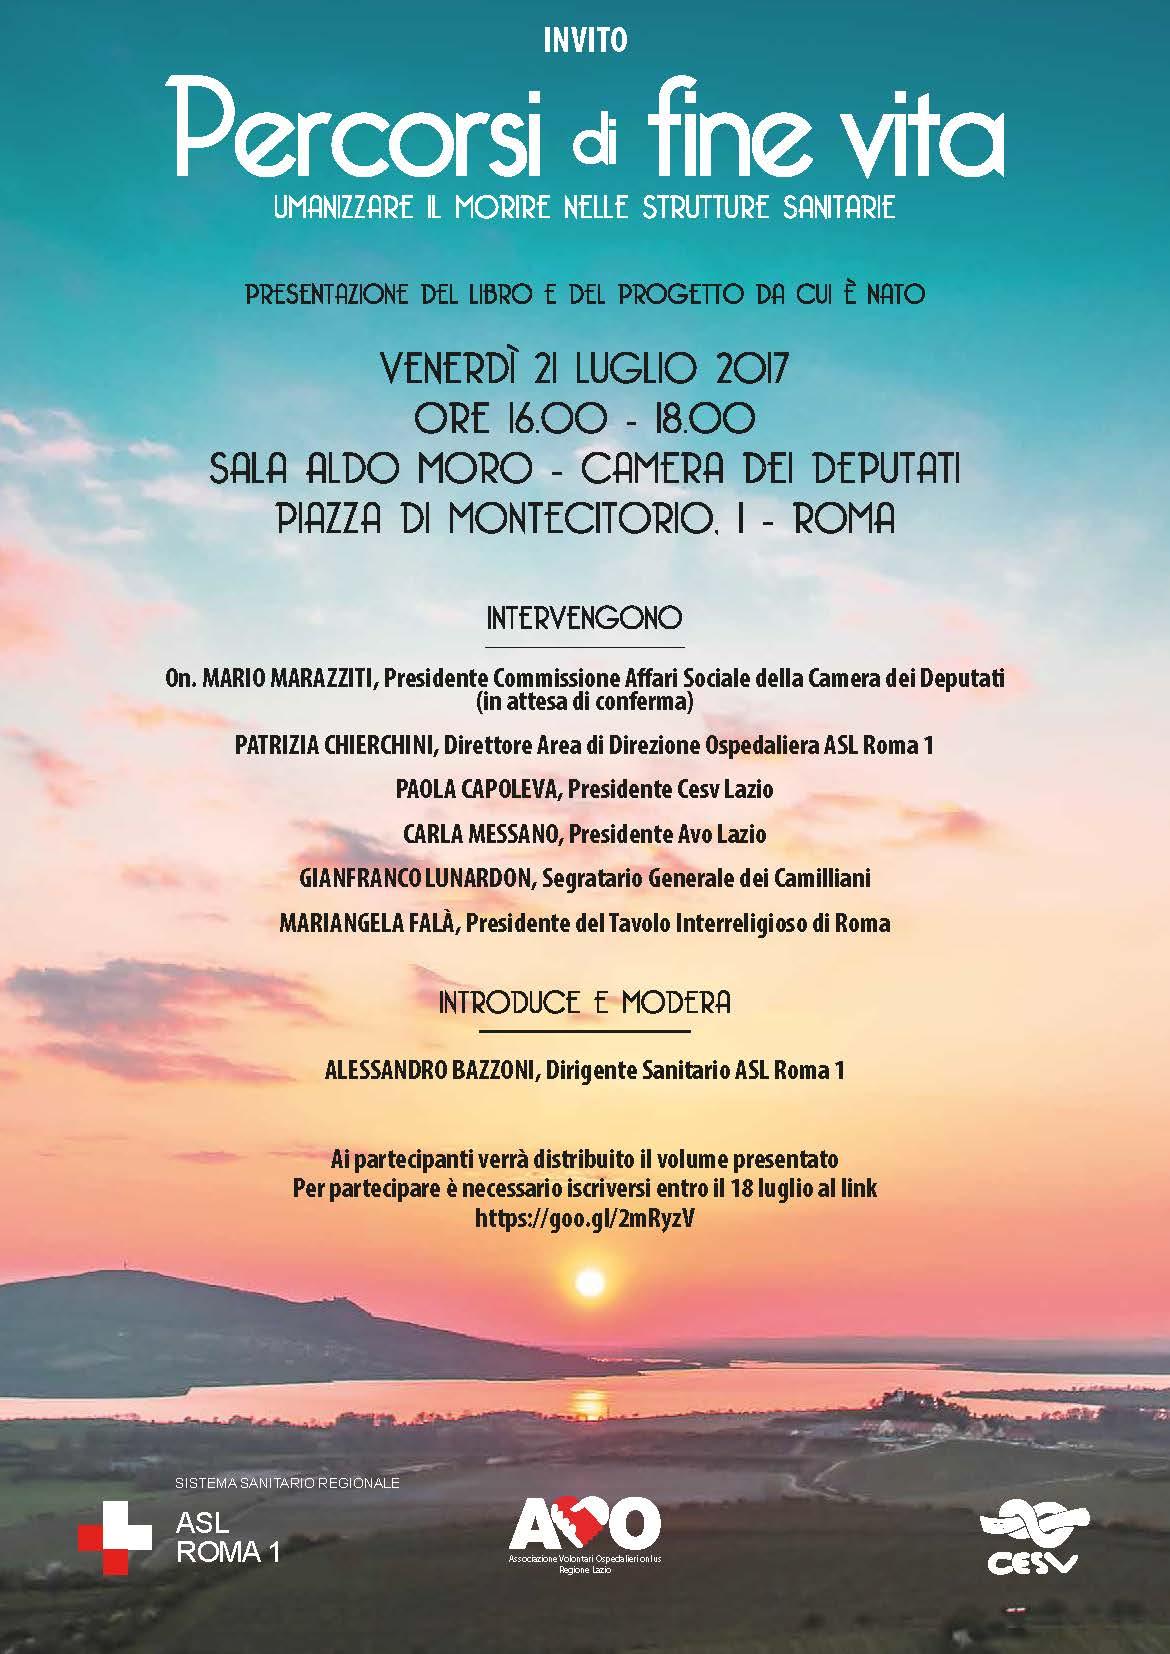 Tavolo interreligioso di roma armonia condivisione for Calendario camera deputati